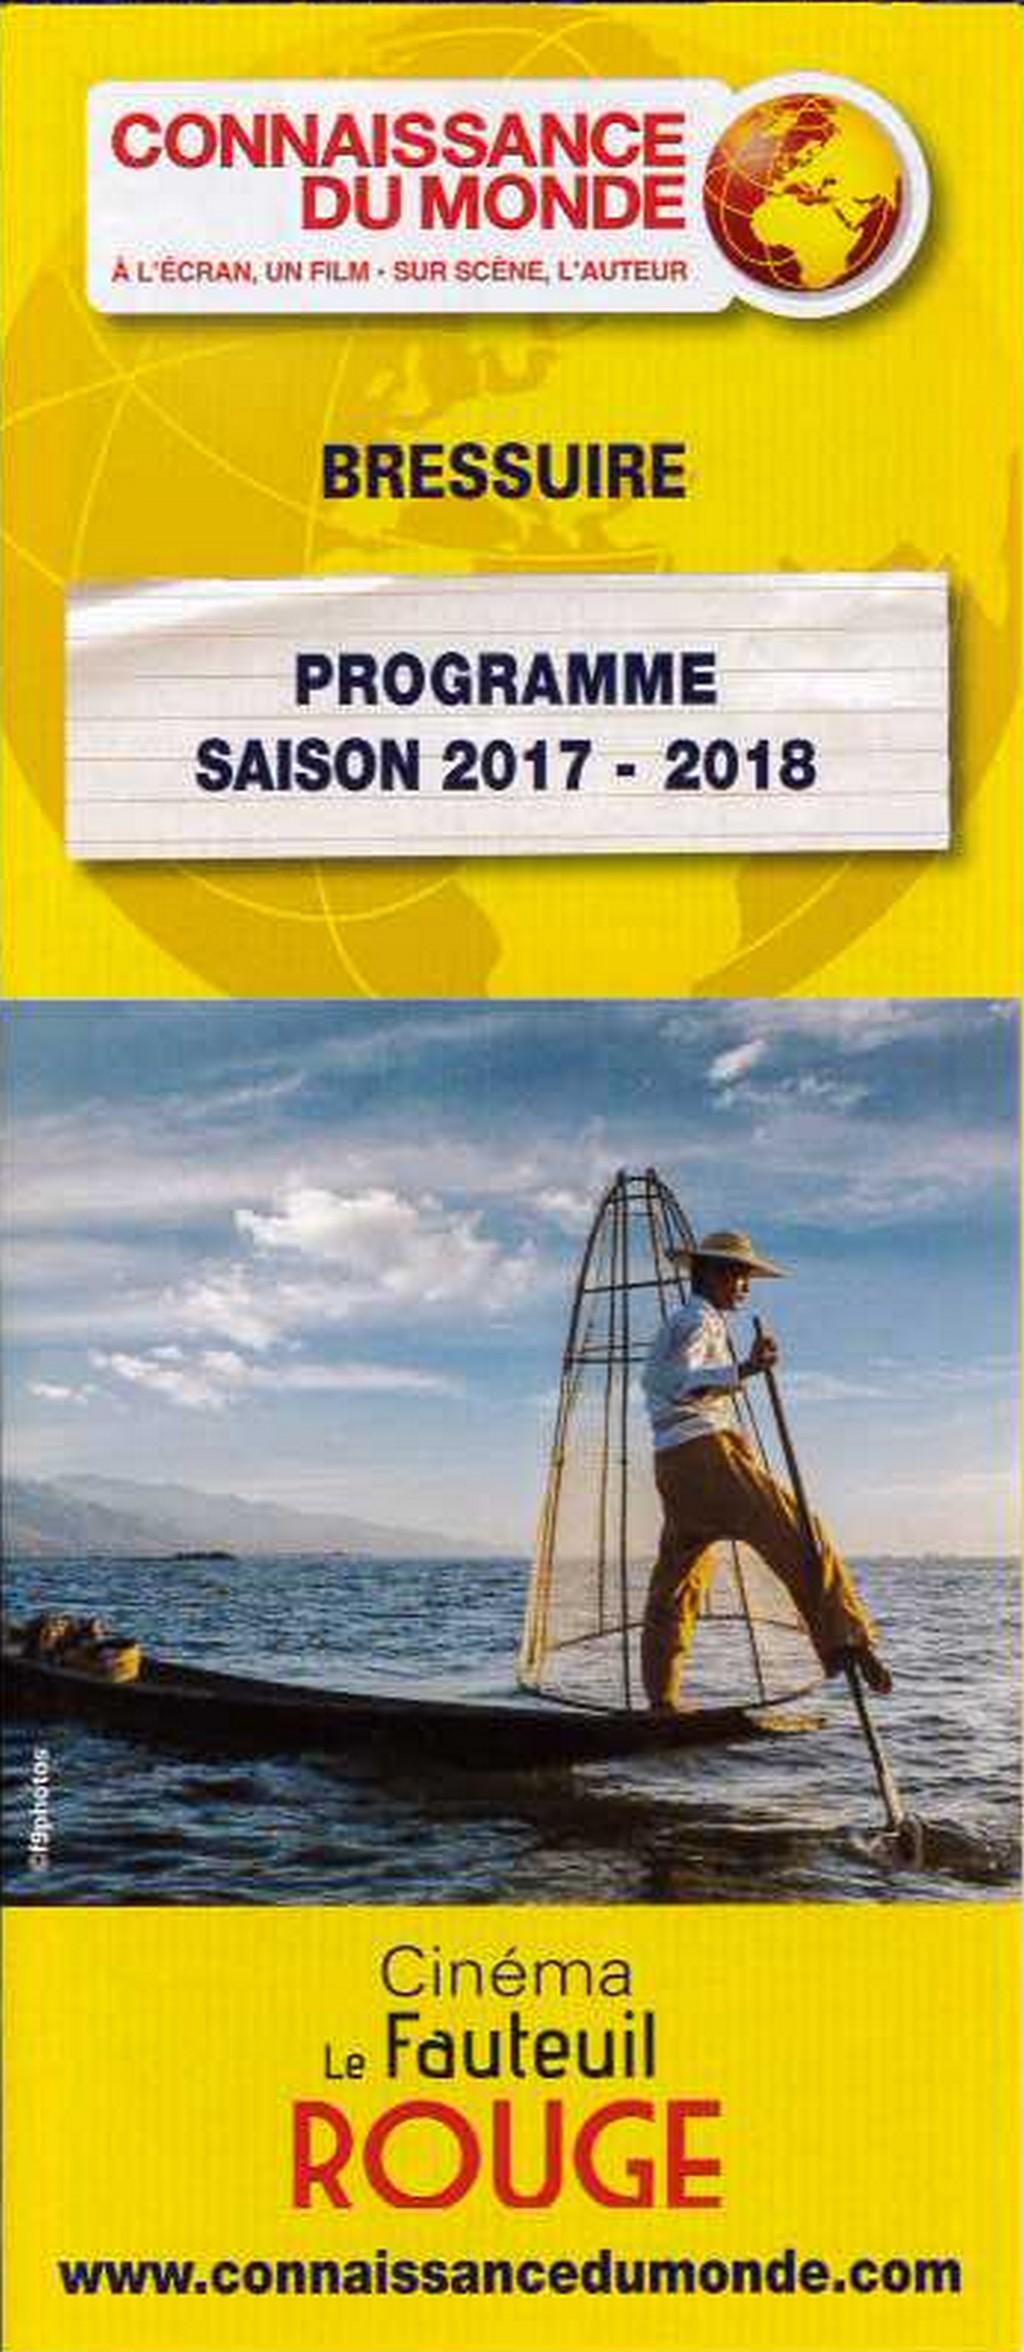 Conf rence sur rome bressuire office de tourisme du bocage bressuirais - Office tourisme bressuire ...